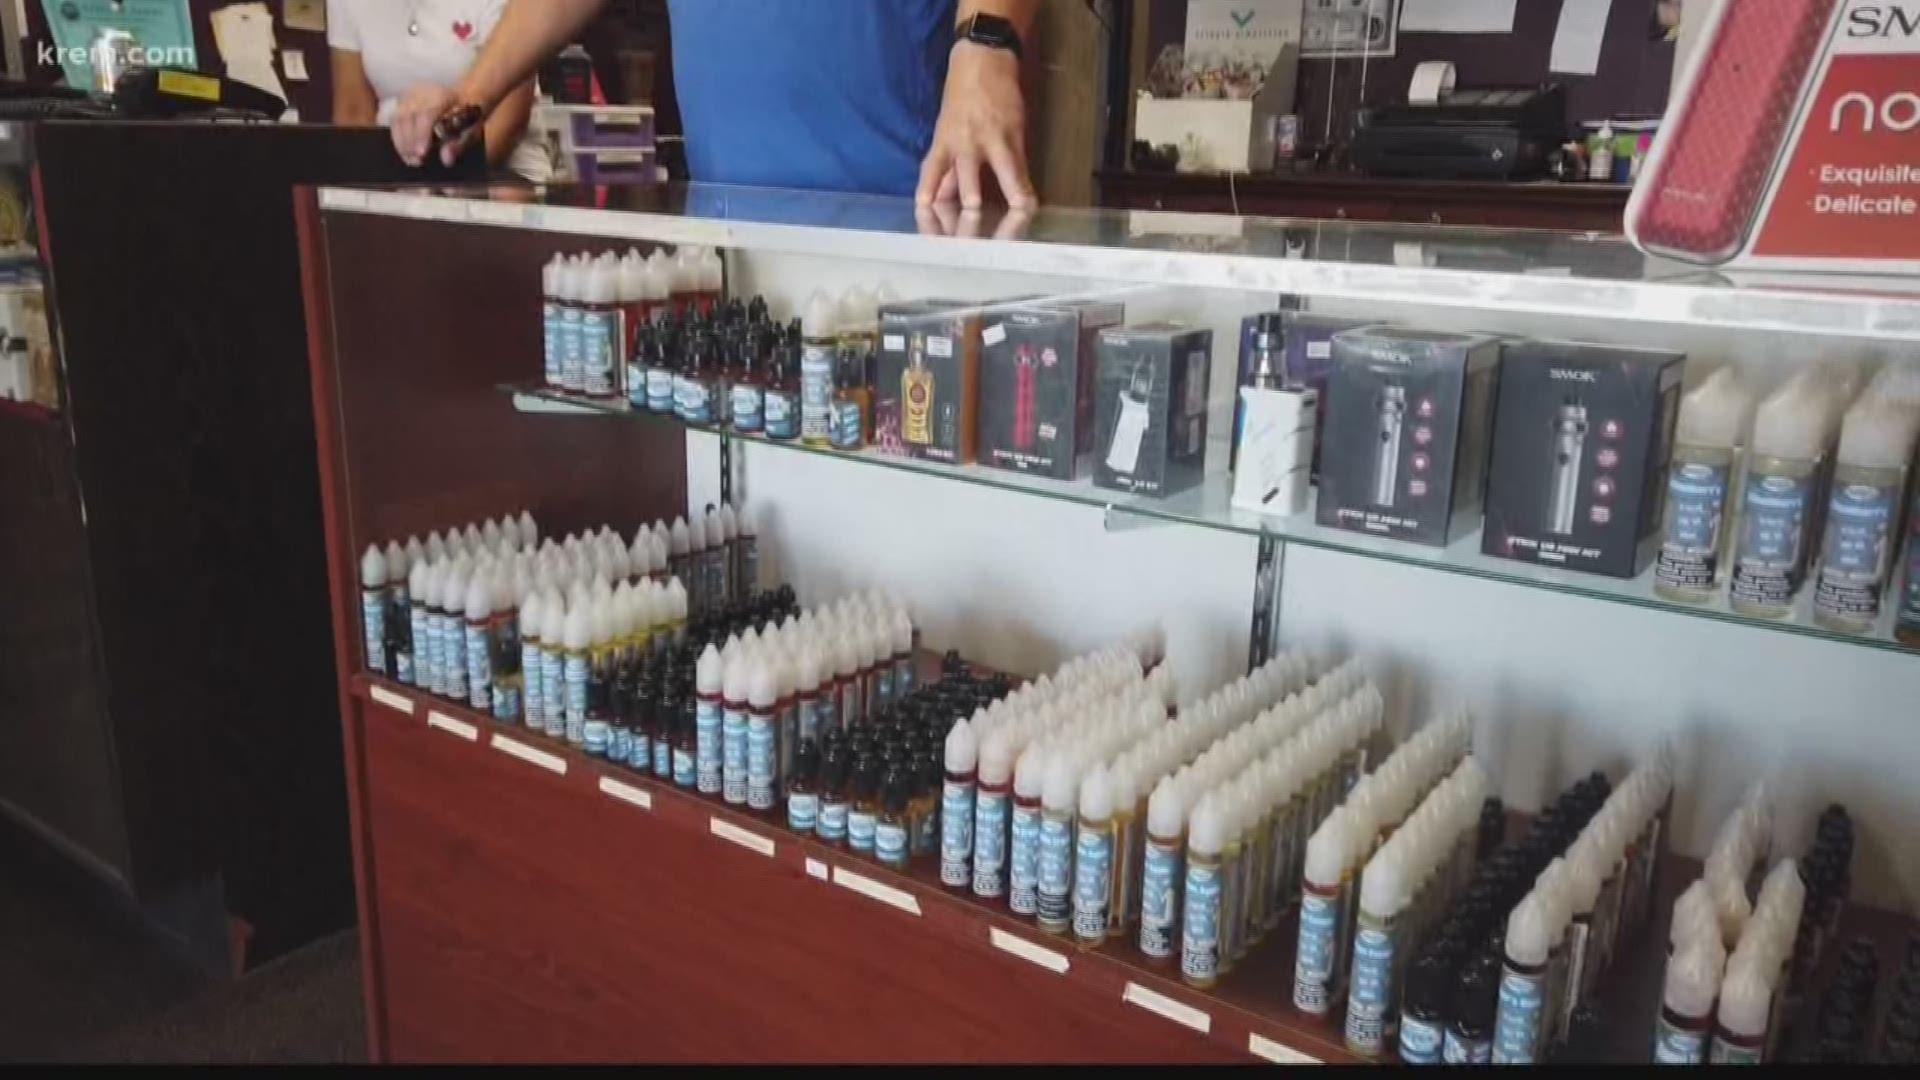 E-Cigarettes Economy and Cash